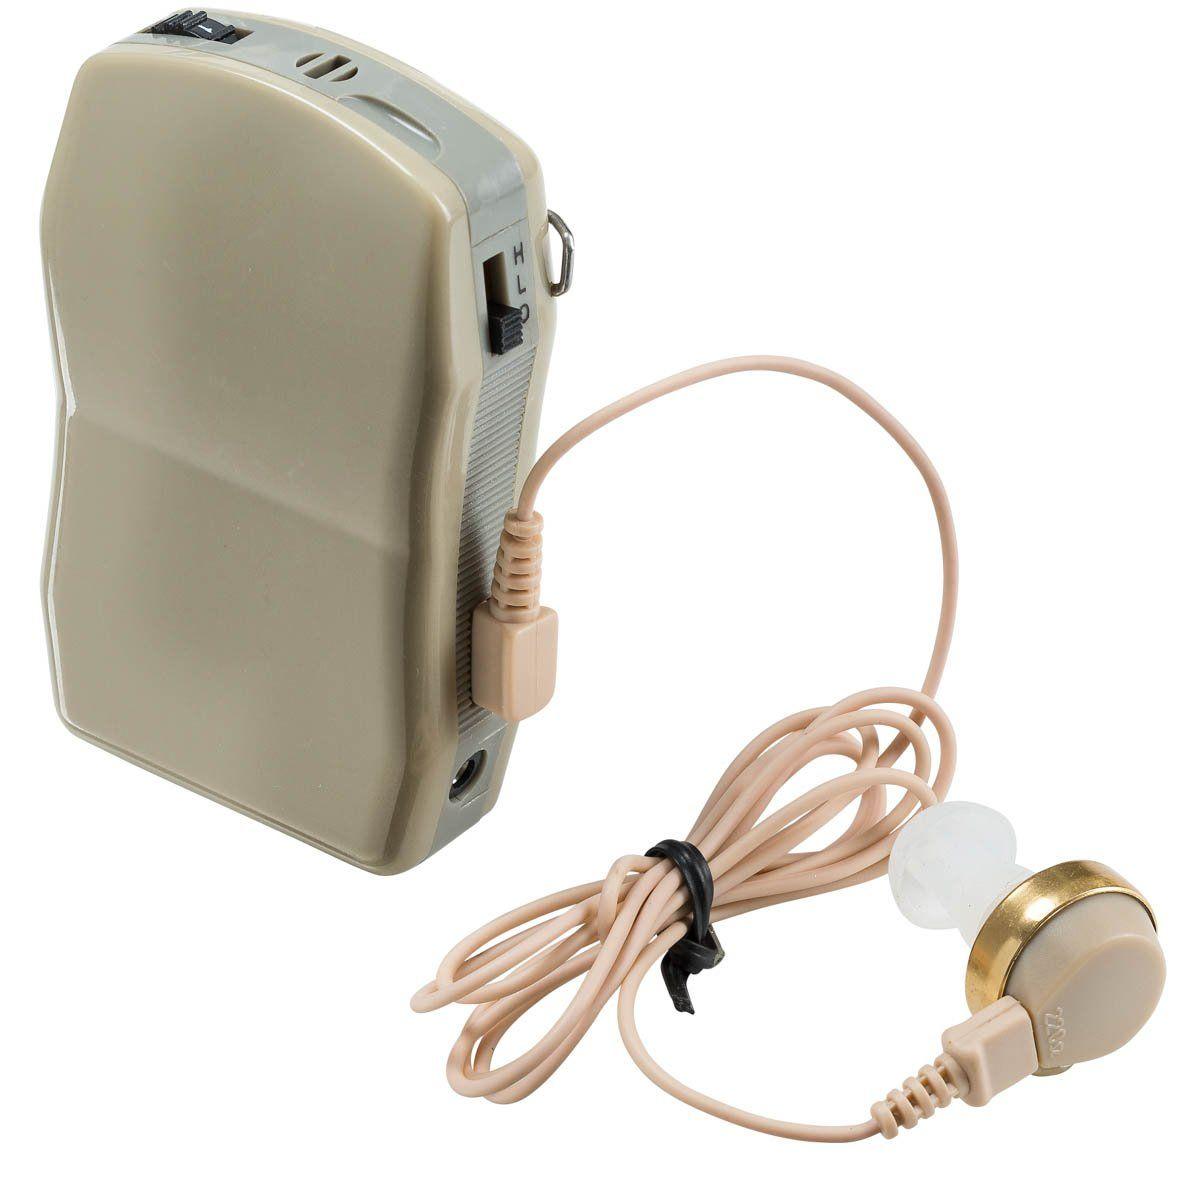 Robot Check Cassette, Unique items products, Amplifier